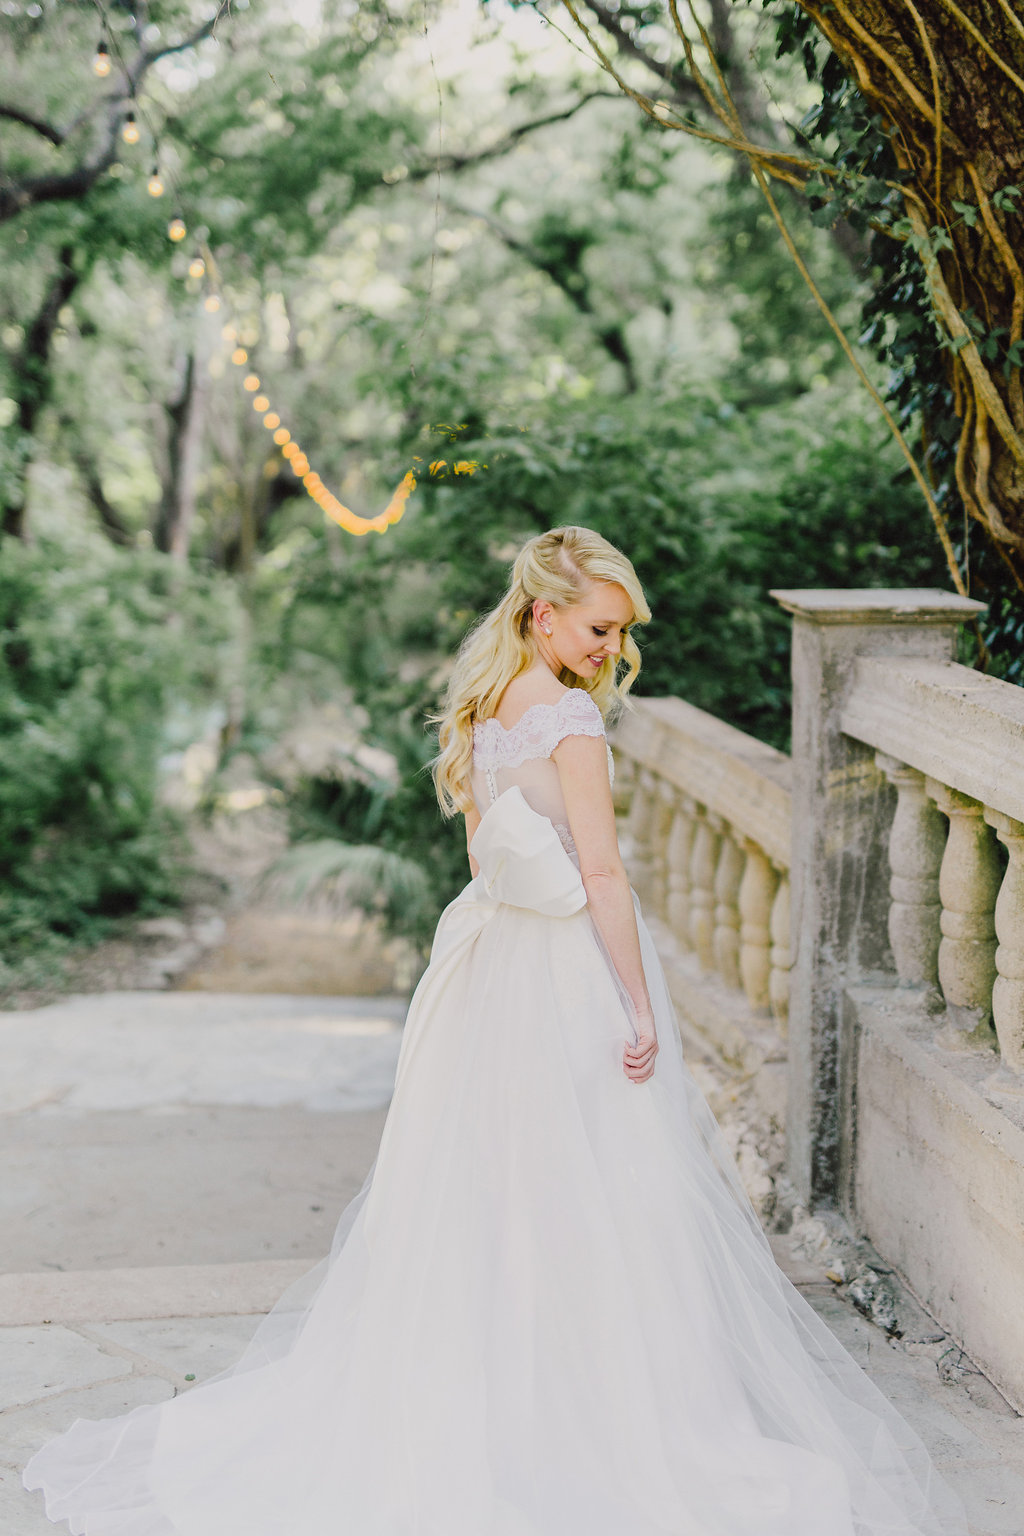 katie+bridals-66.jpg